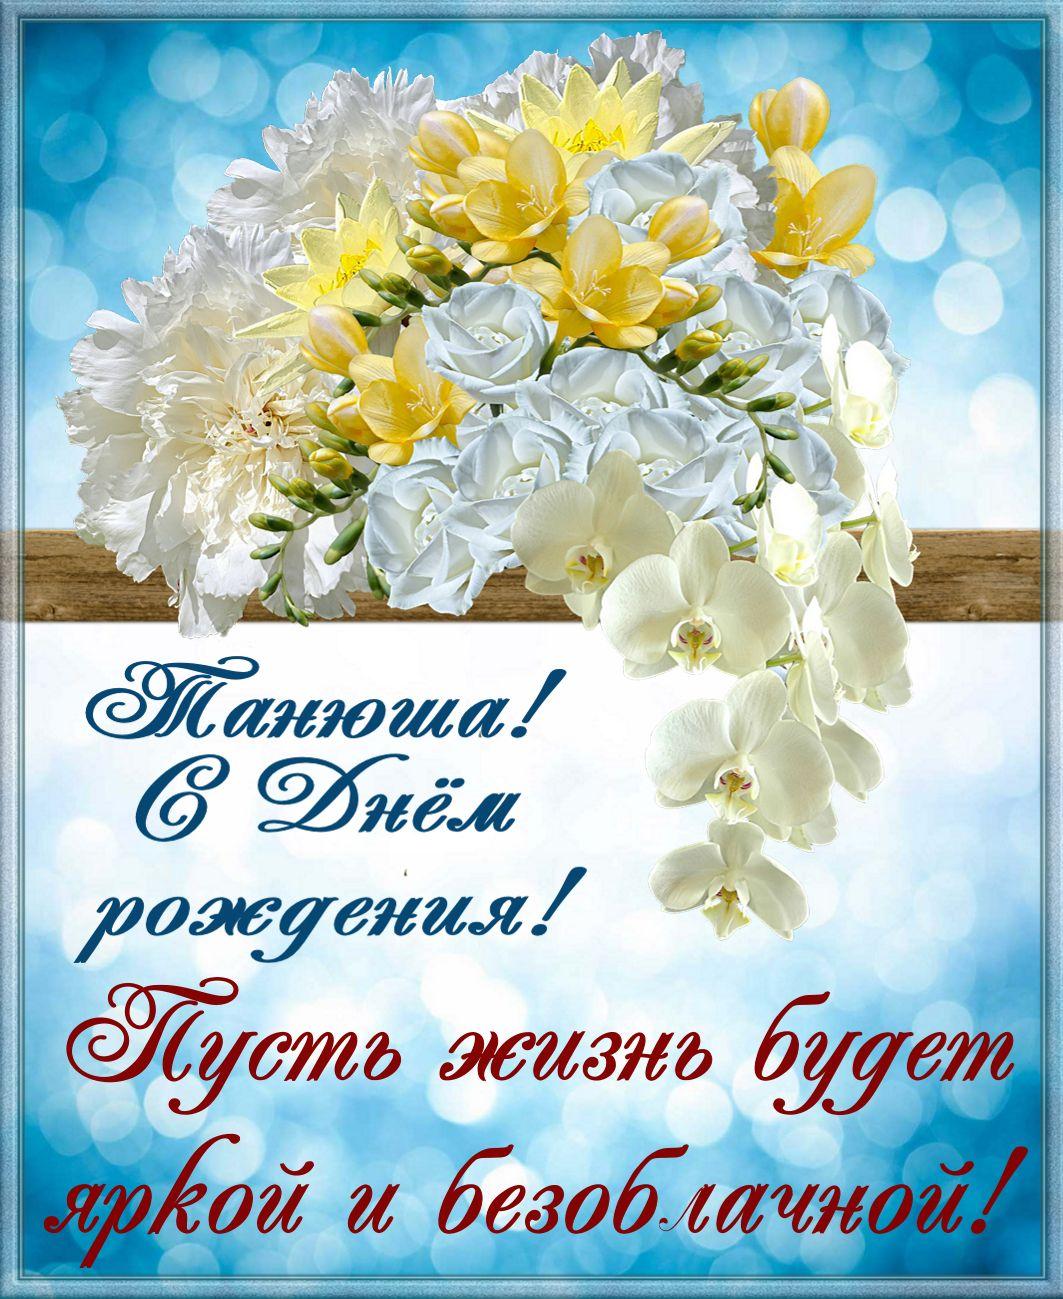 Красивые открытки Танюша с днем рождения 006